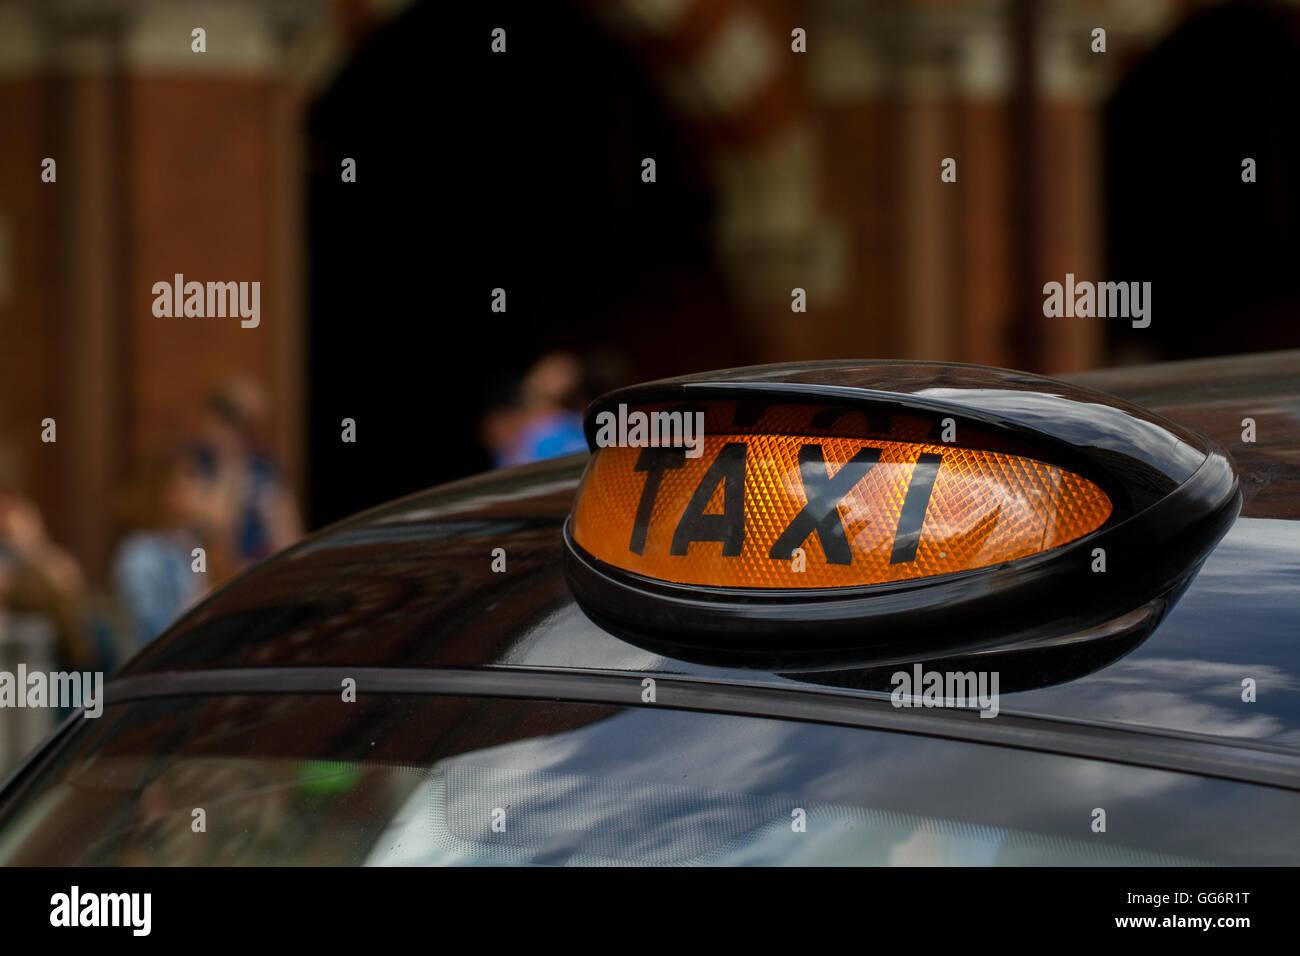 El taxi naranja iluminado cartel en el techo de un taxi negro de Londres con las calles de la ciudad en el fondo. Imagen De Stock